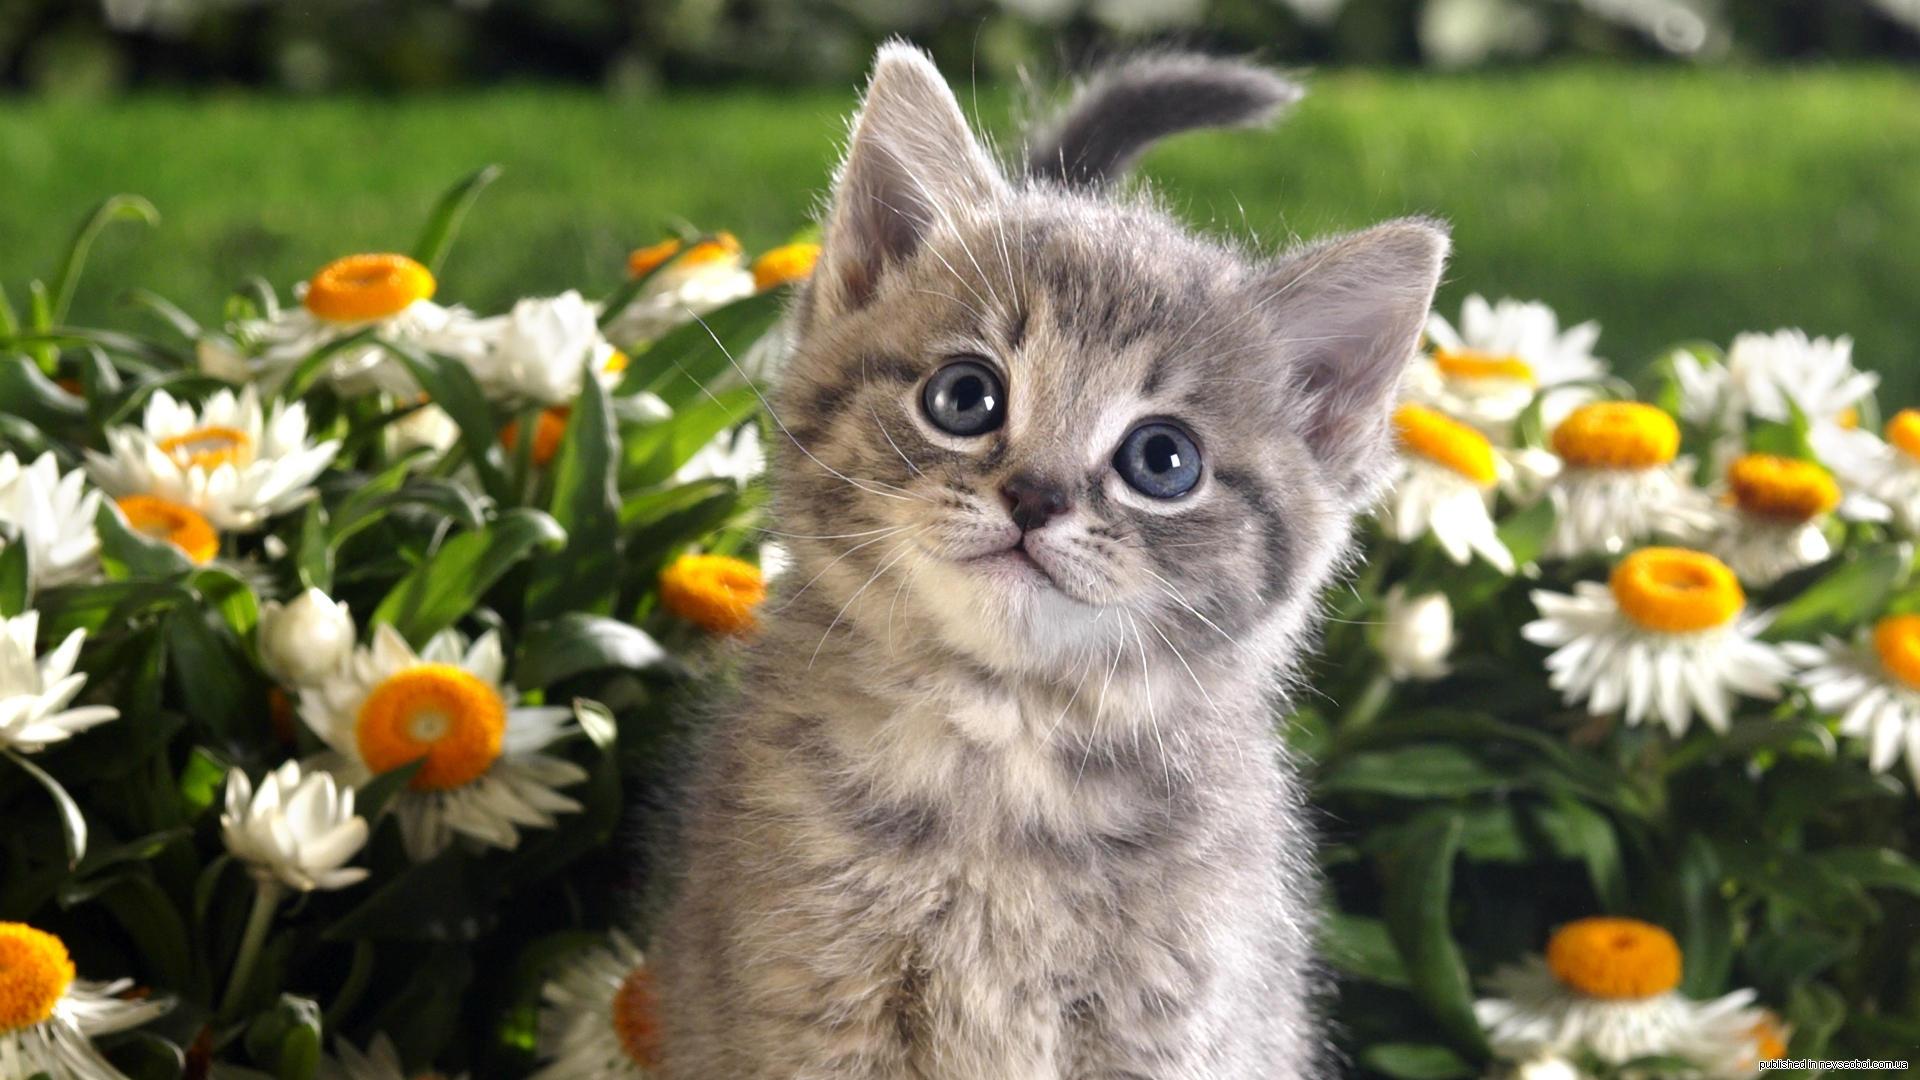 Animals Hdwallpaper Kitten Flowers Wallpaper #80087 - Resolution 1920x1080 px